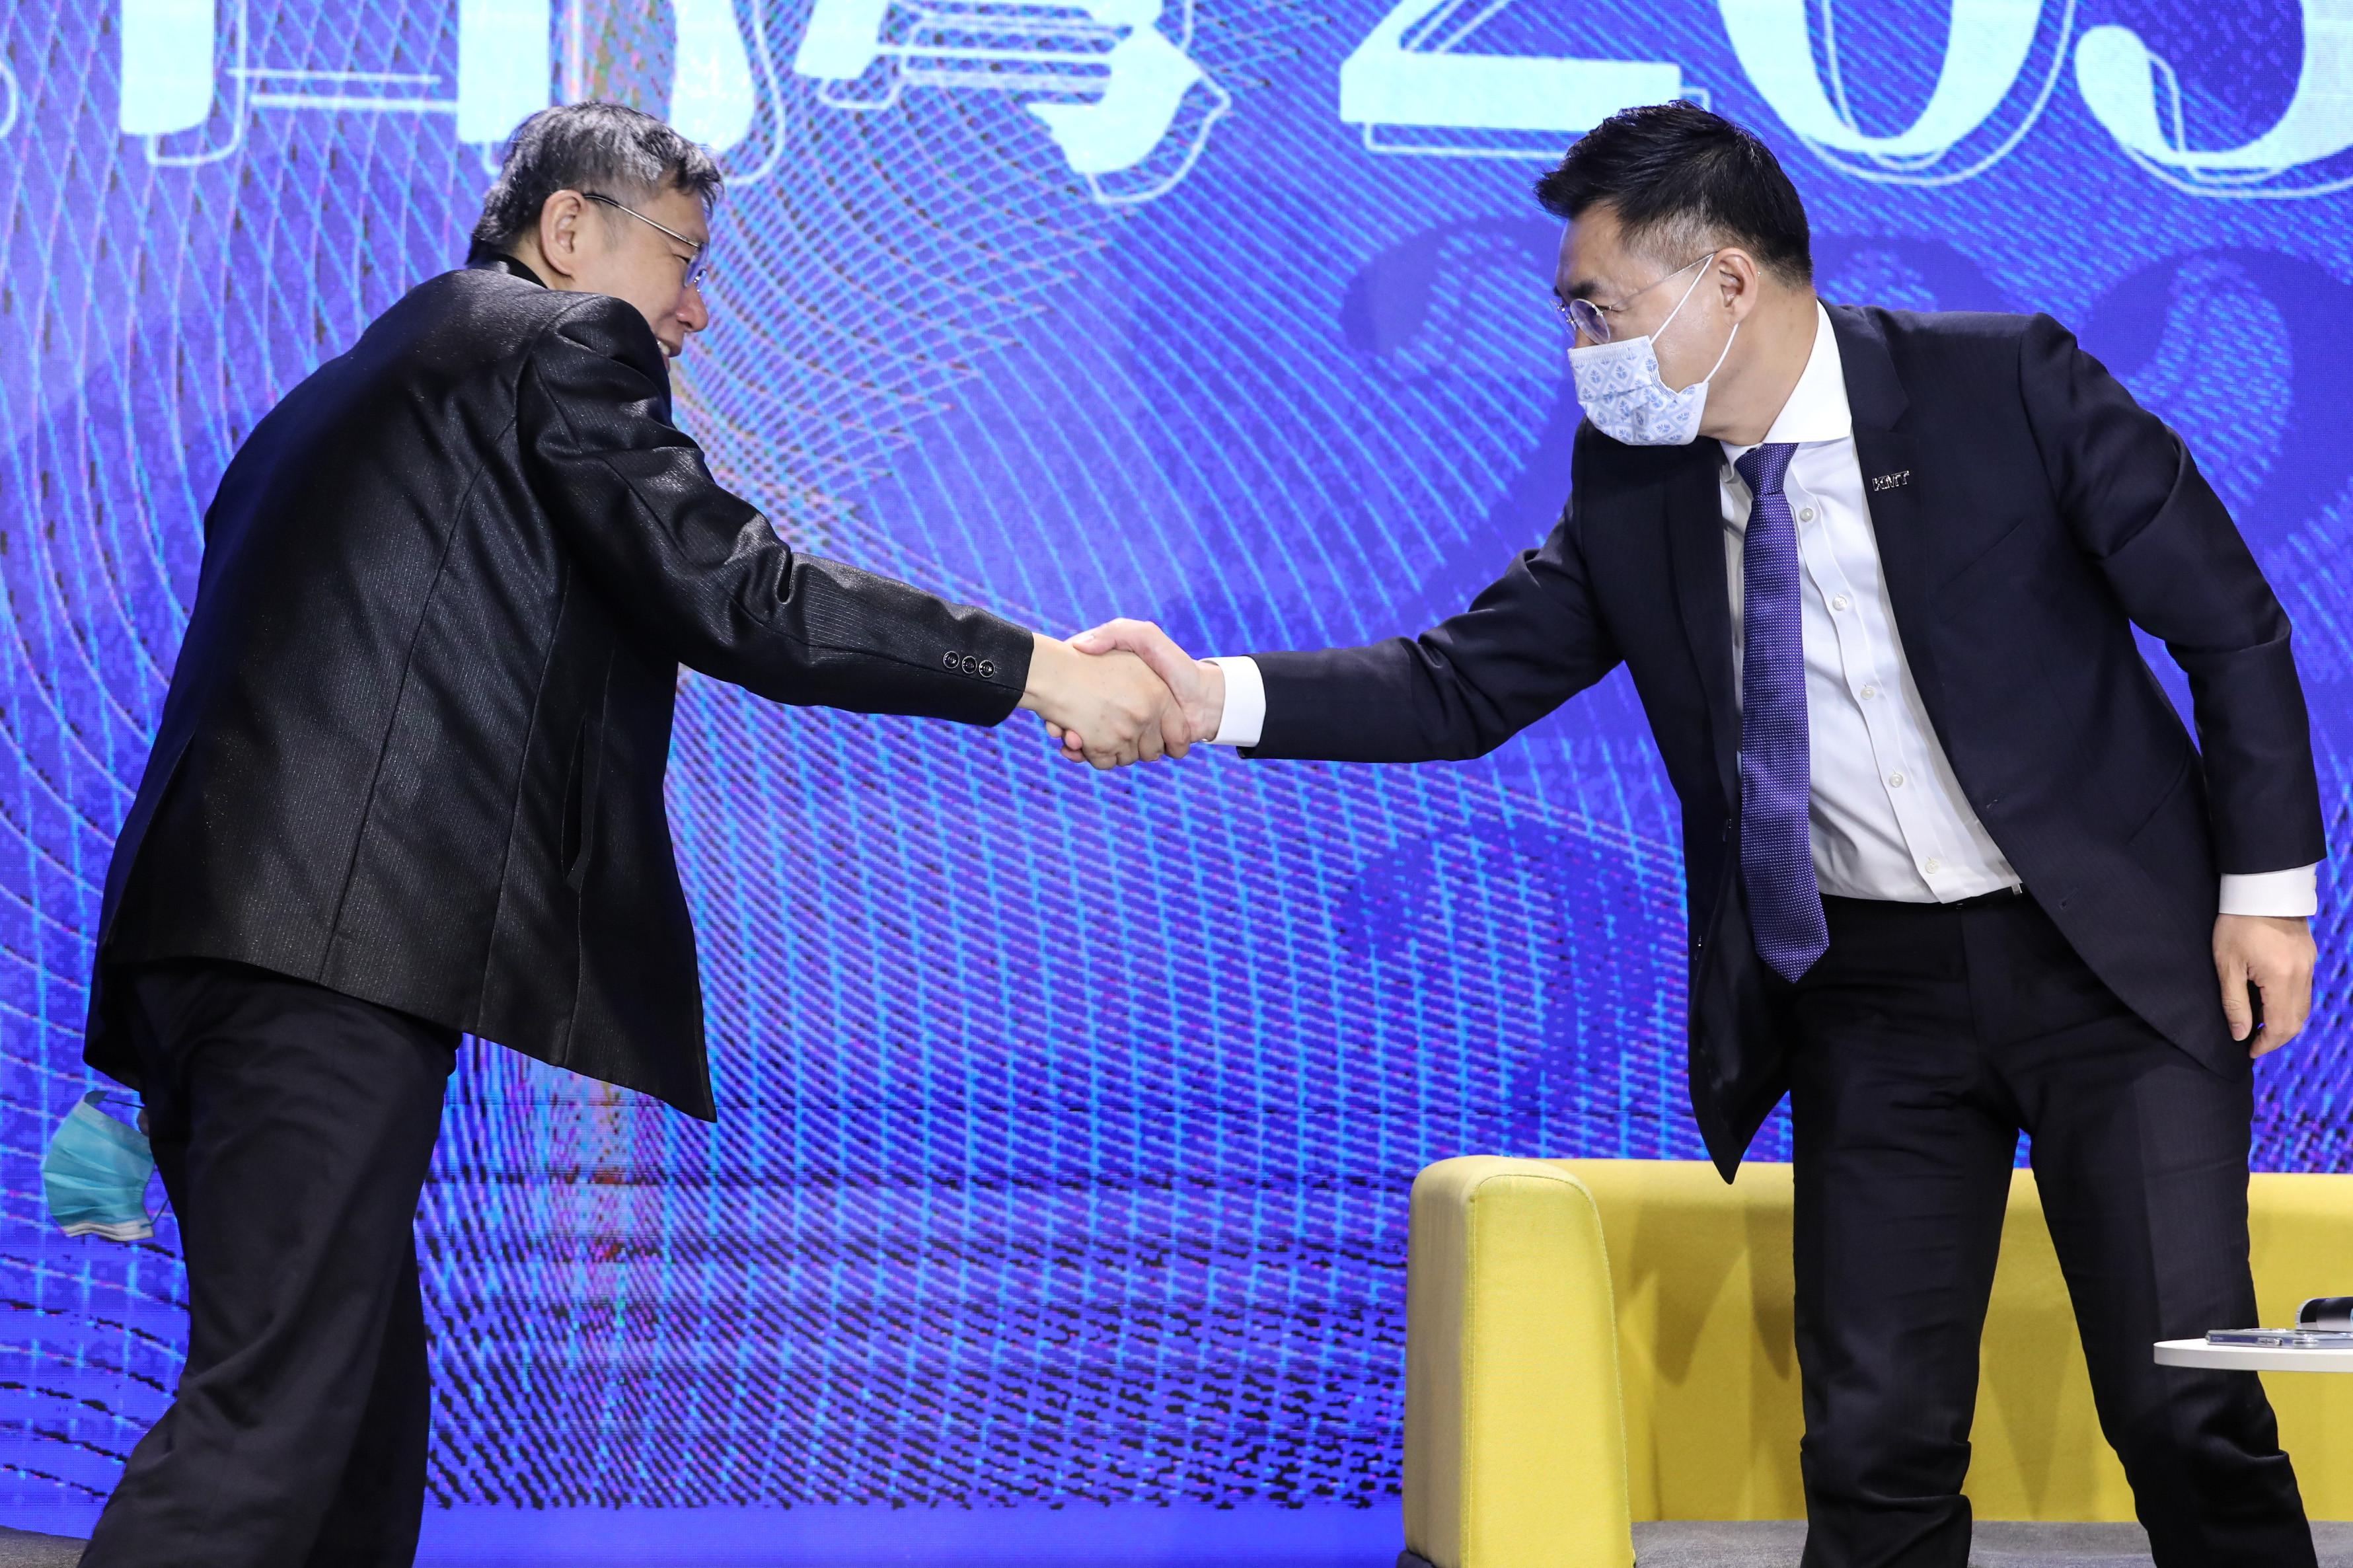 連勝文,江啟臣,朱立倫,趙少康,韓國瑜,國民黨,連戰